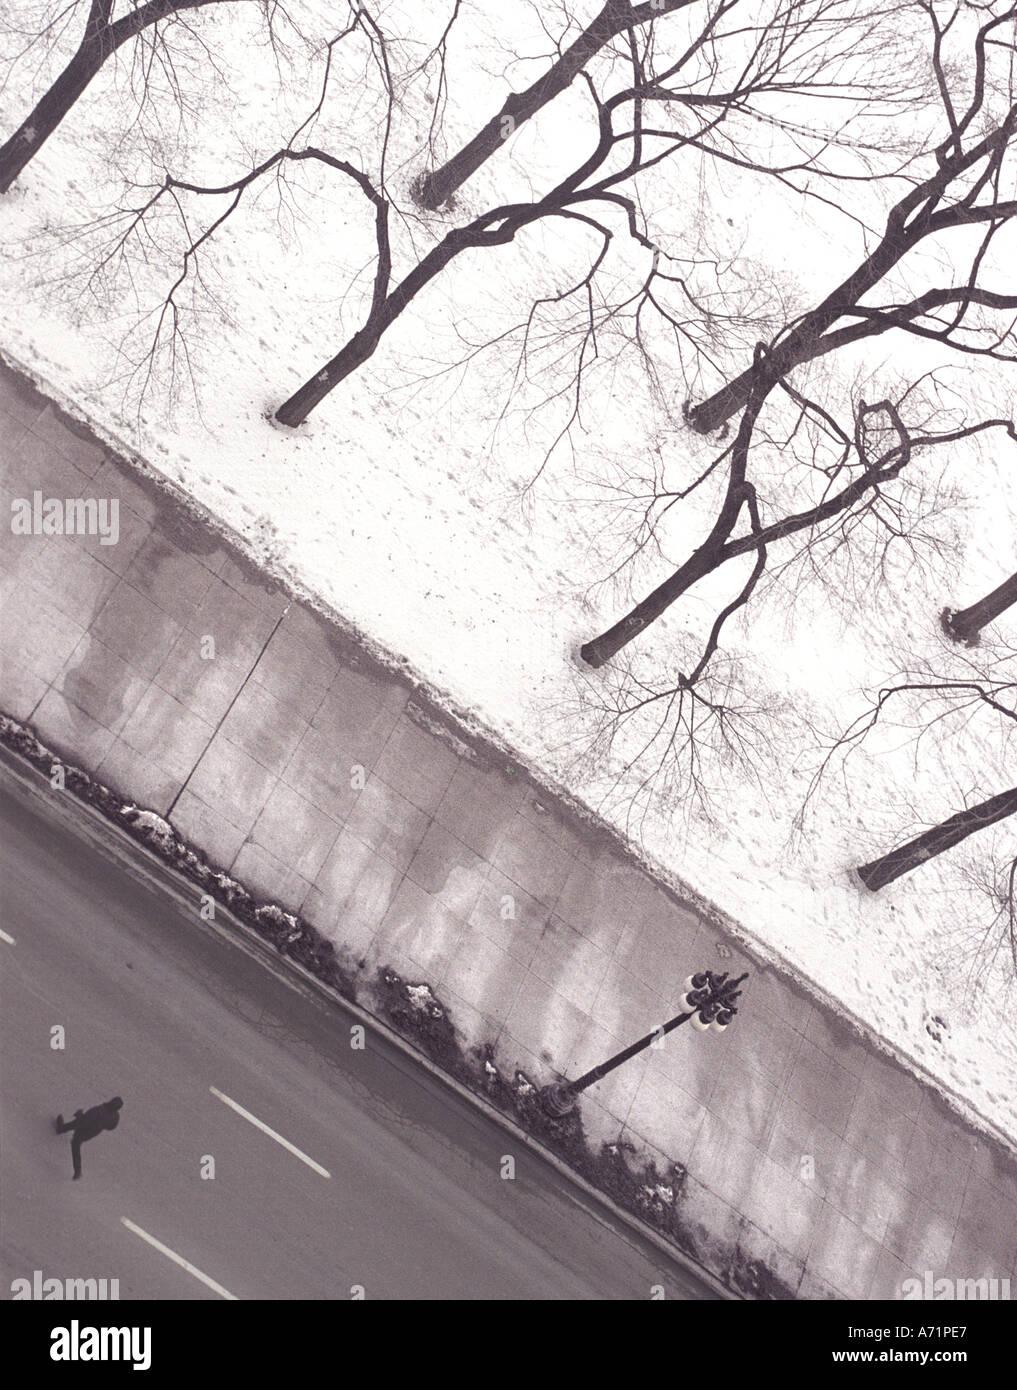 Uomo che corre attraverso street (Michigan Avenue) su una giornata invernale in Chicago STATI UNITI D'AMERICA Immagini Stock